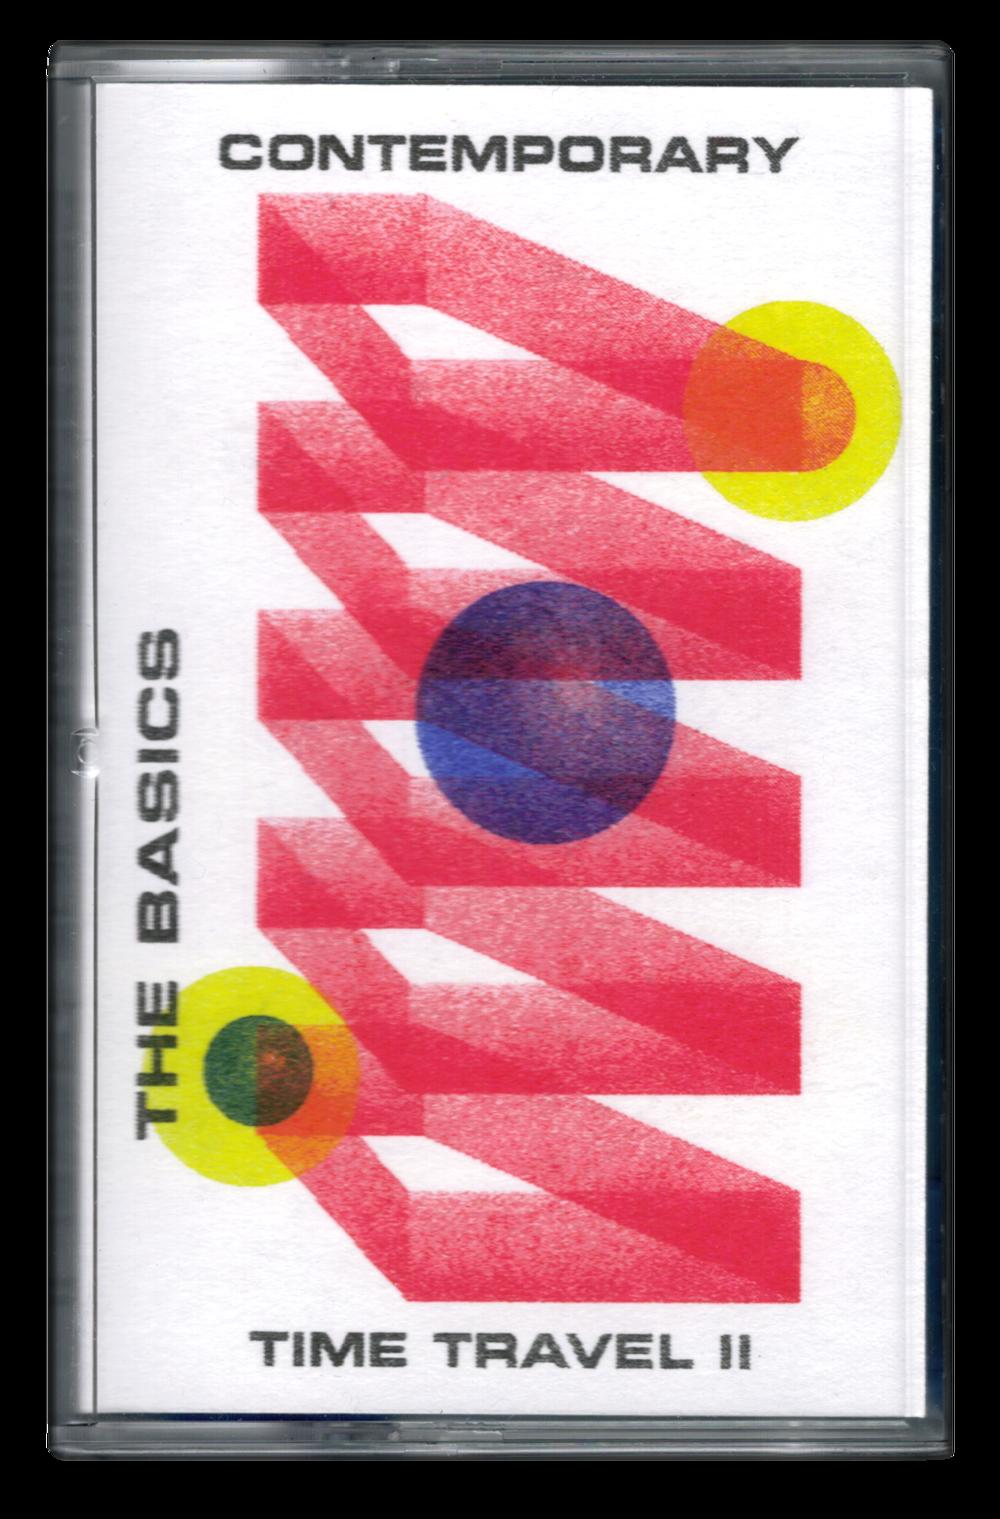 cassette-0.png